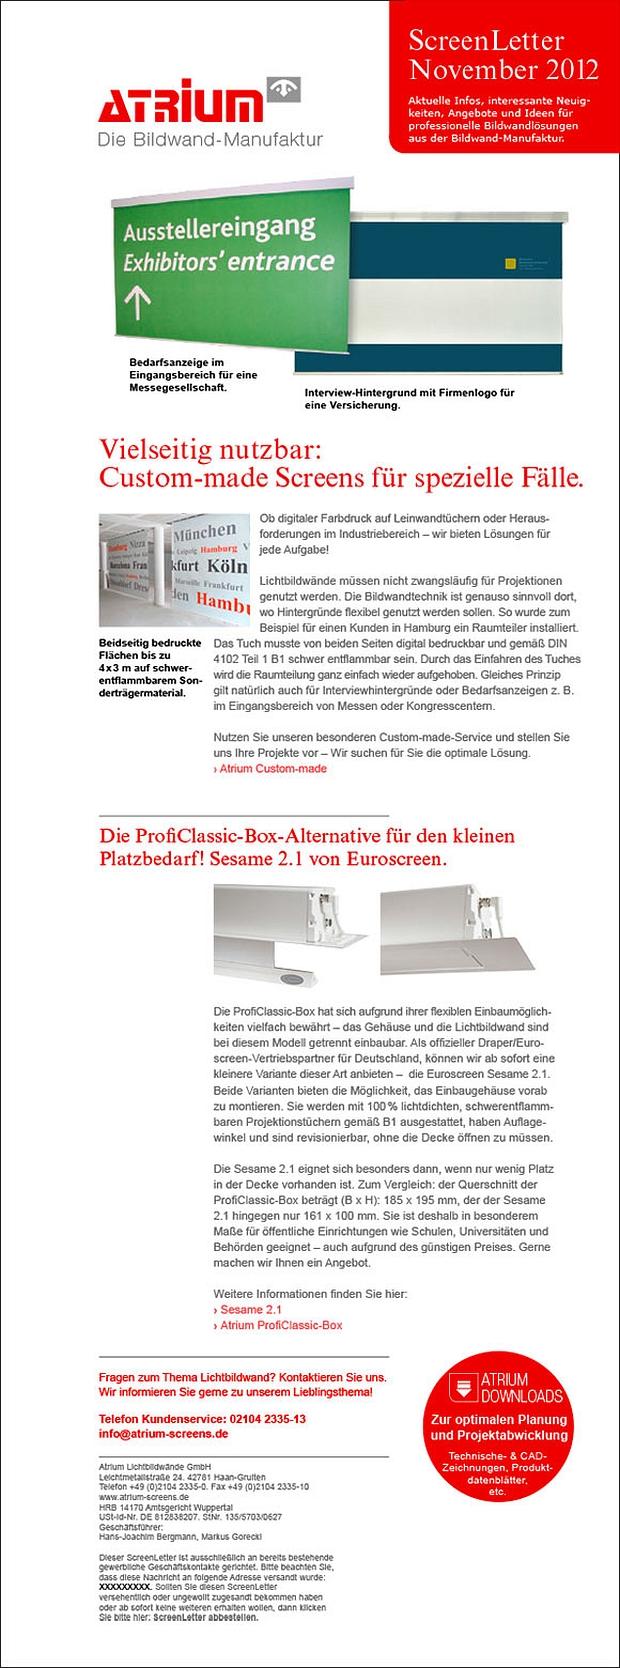 Atrium-Screeletter-3_2012